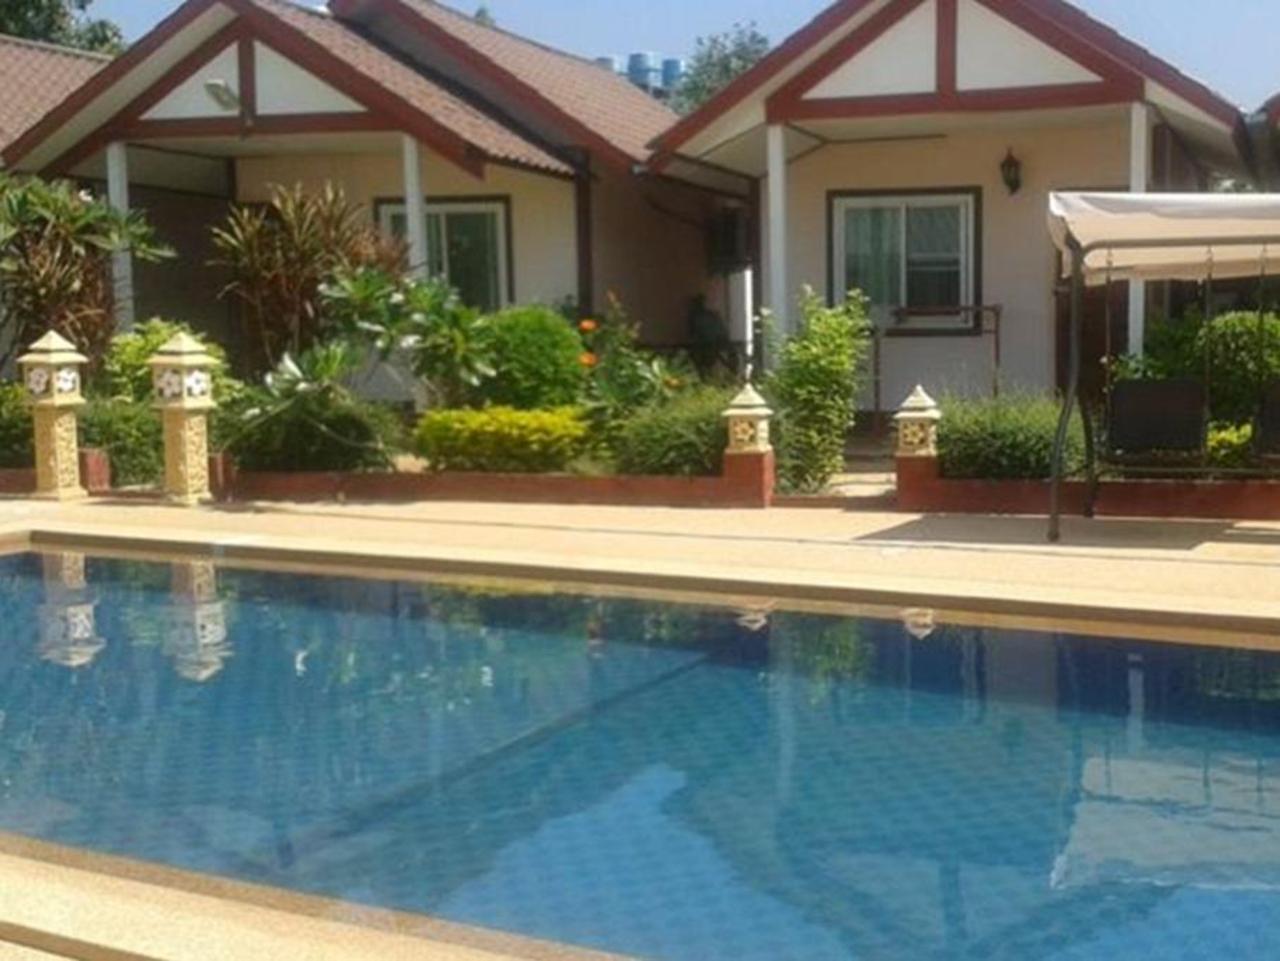 มณีรัตน์ รีสอร์ท (Maneerat Resort)